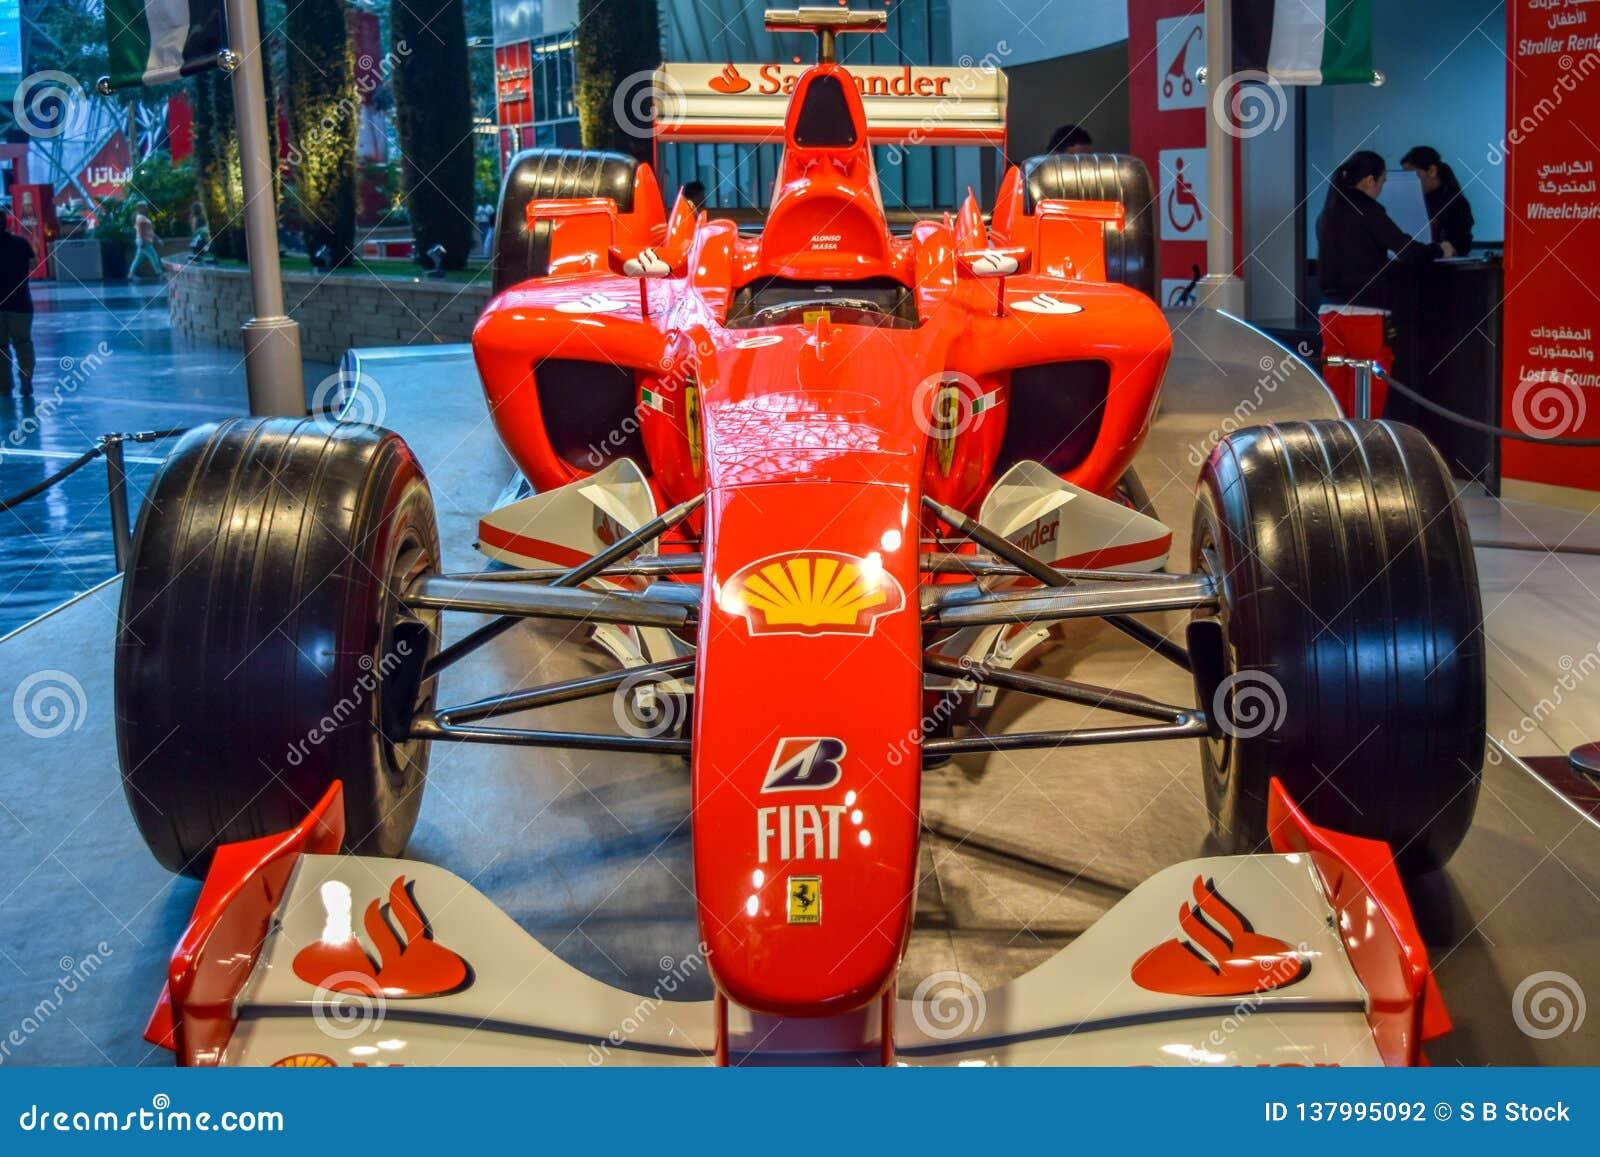 Το ιταλικό αυτοκινητικό αυτοκίνητο της Φίατ εμπορικών σημάτων που επιδεικνύεται μέσα σε ένα περίπτερο σε ένα αυτοκίνητο παρουσιάζ